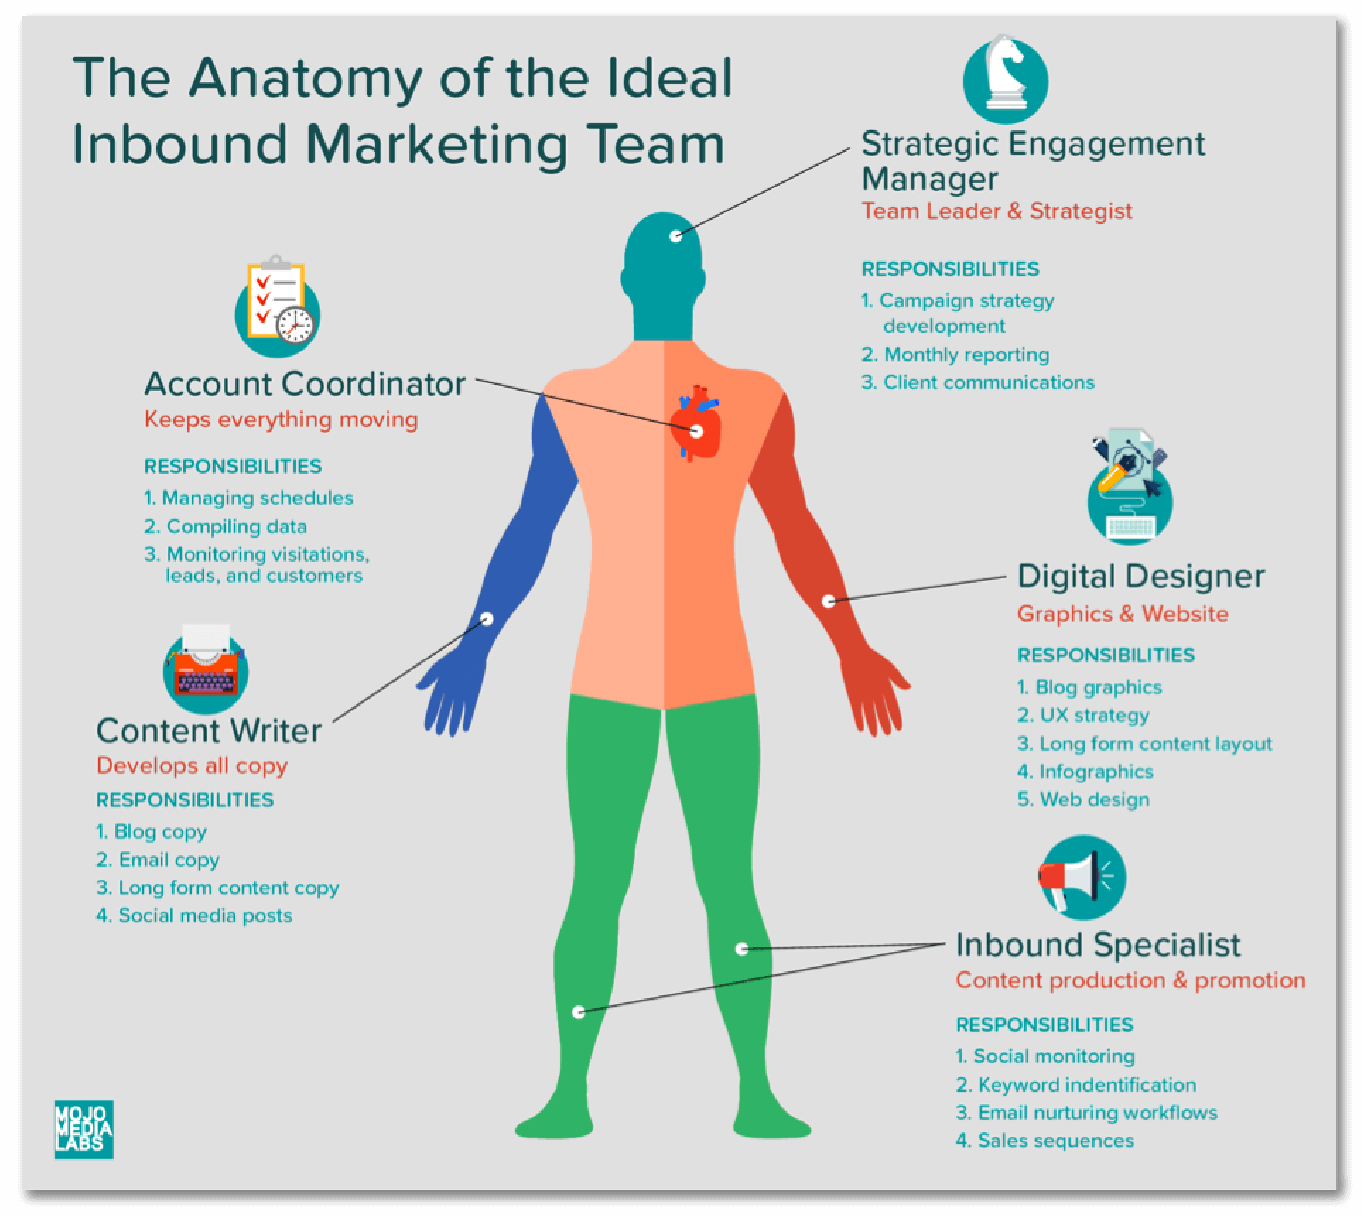 The anatomy of the idea inbound marketing team.